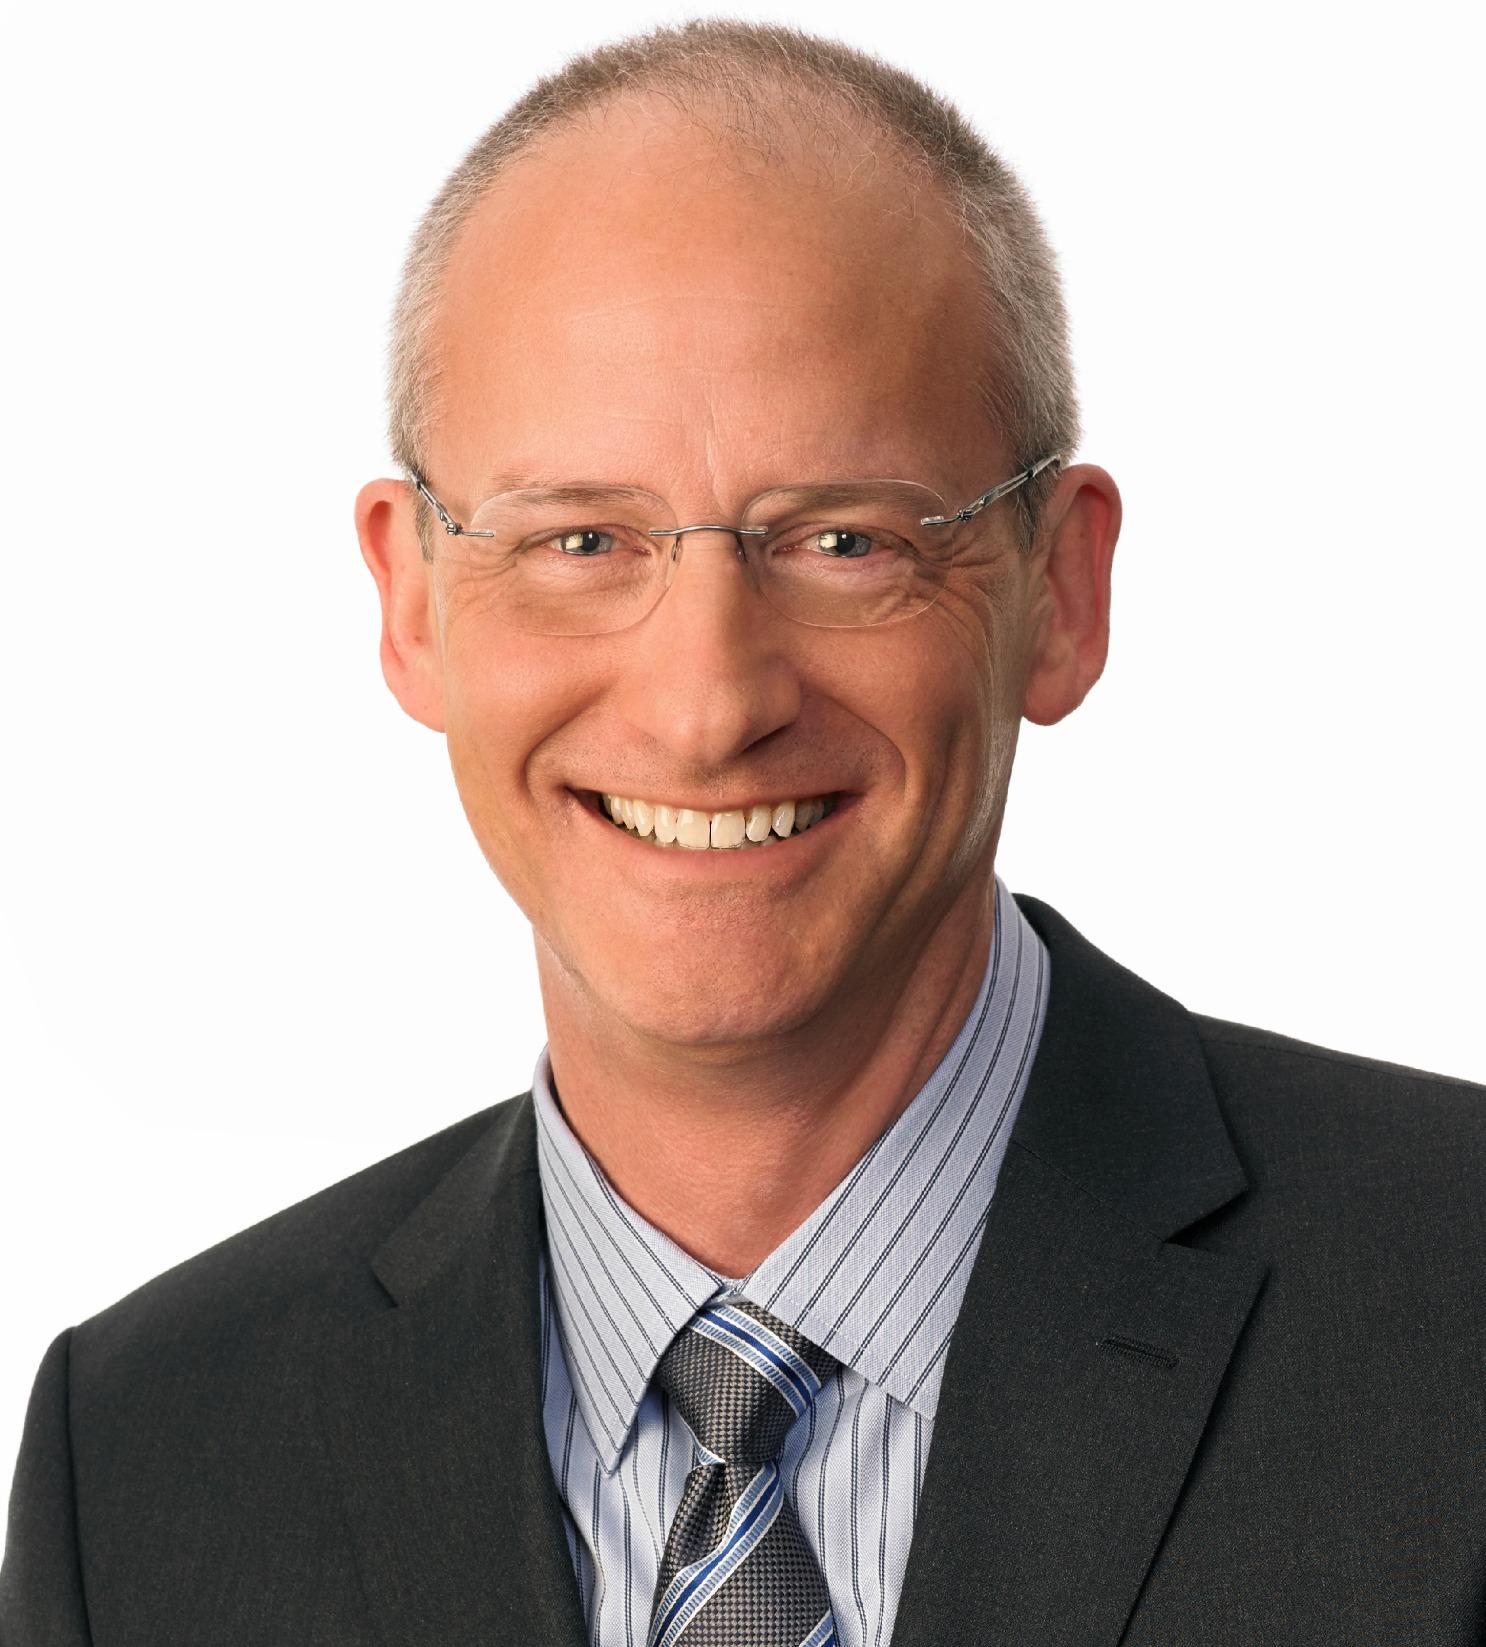 Mark Olson headshot 2015.jpg